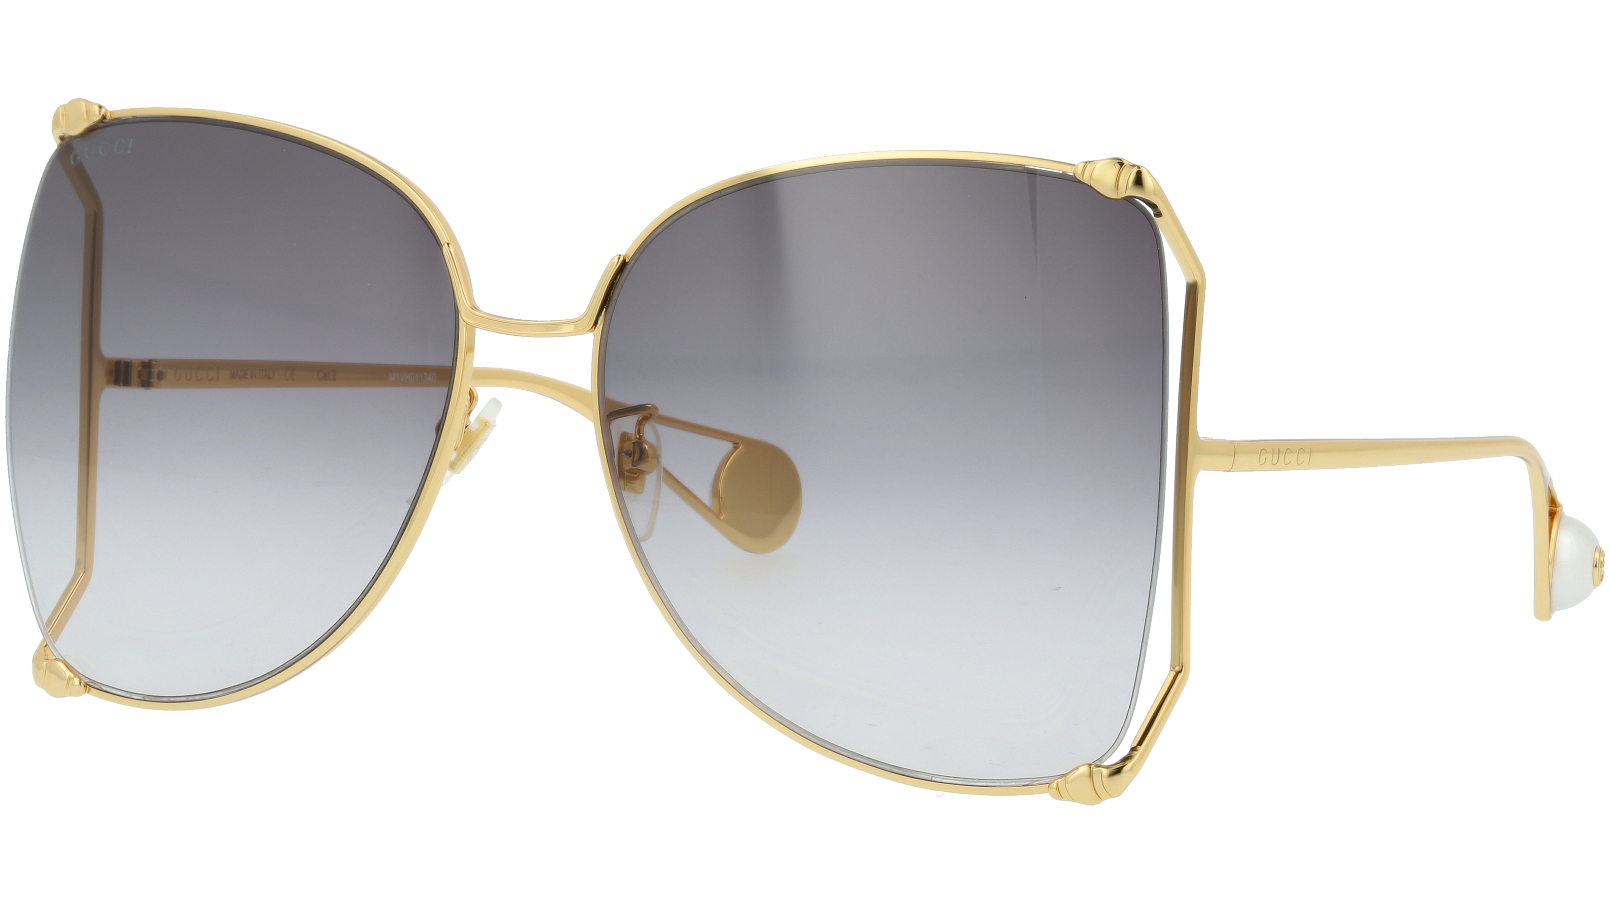 GUCCI GG0252S 003 63 GOLD Sunglasses